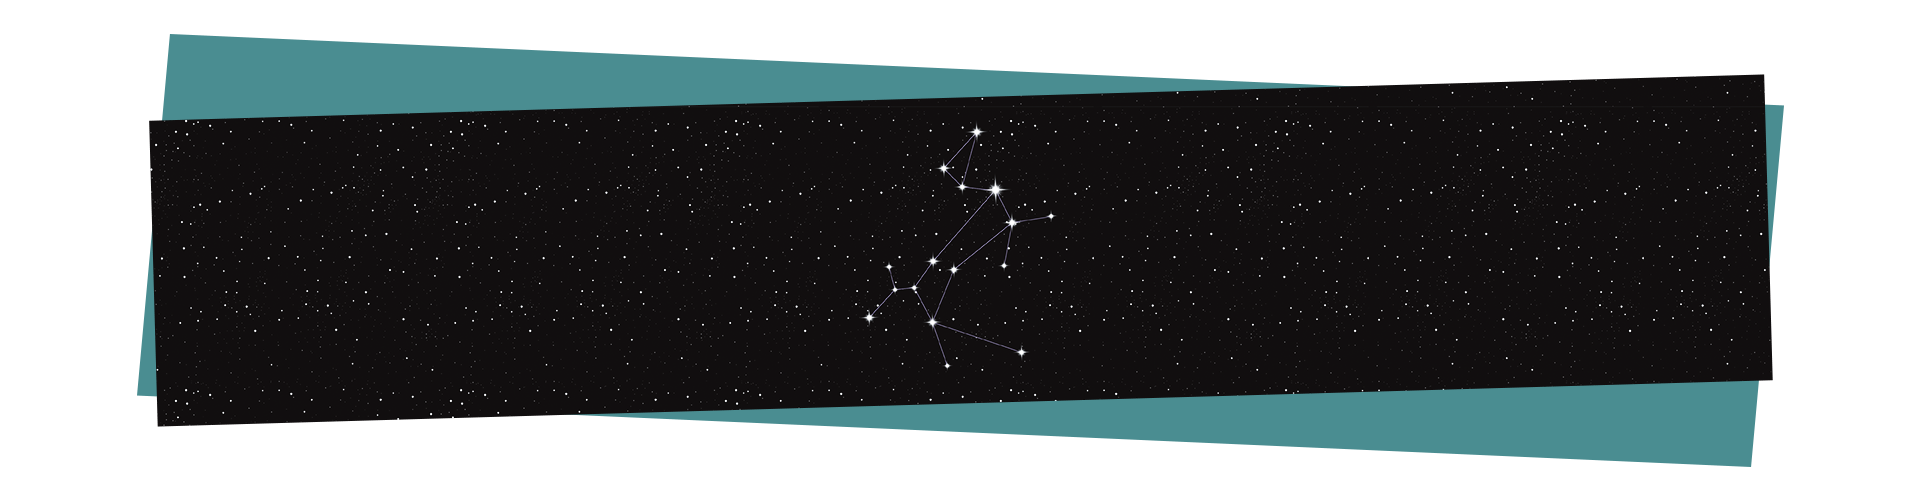 Winter stargazing - Sirius the Dog Star